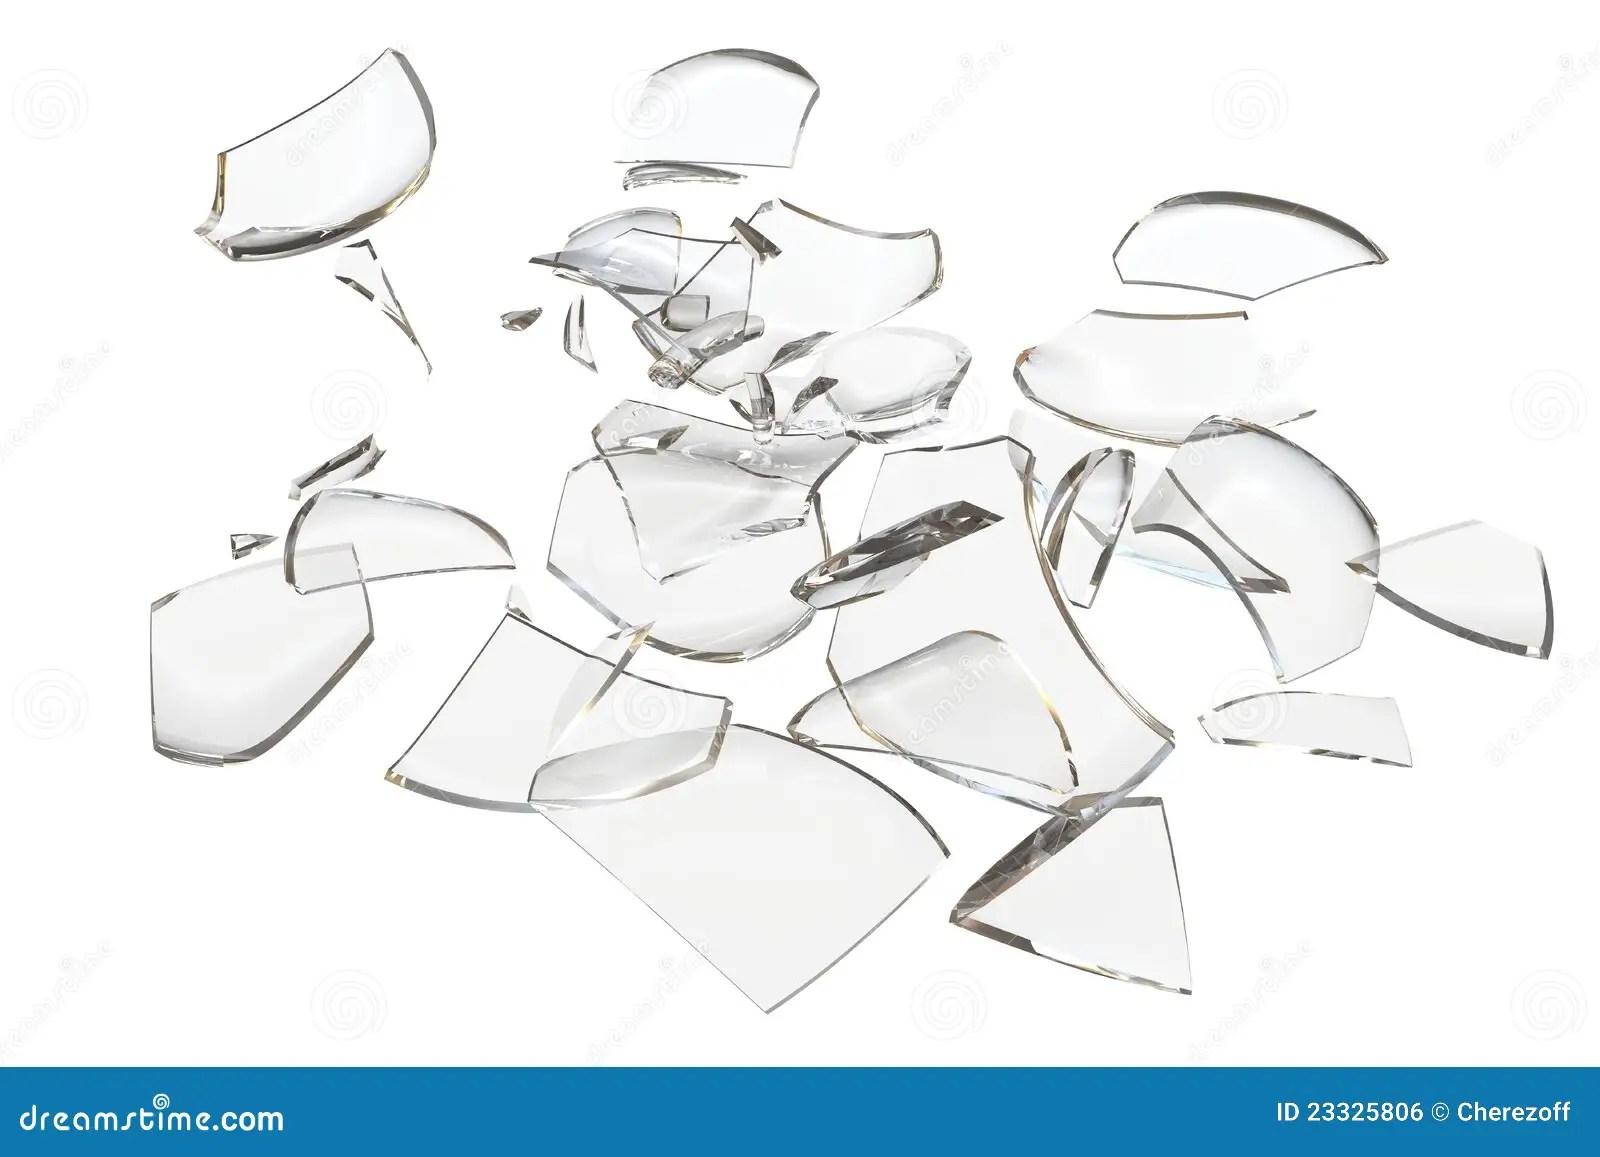 Zersplittert Glas Zerschmetterte Nachricht Stock Abbildung